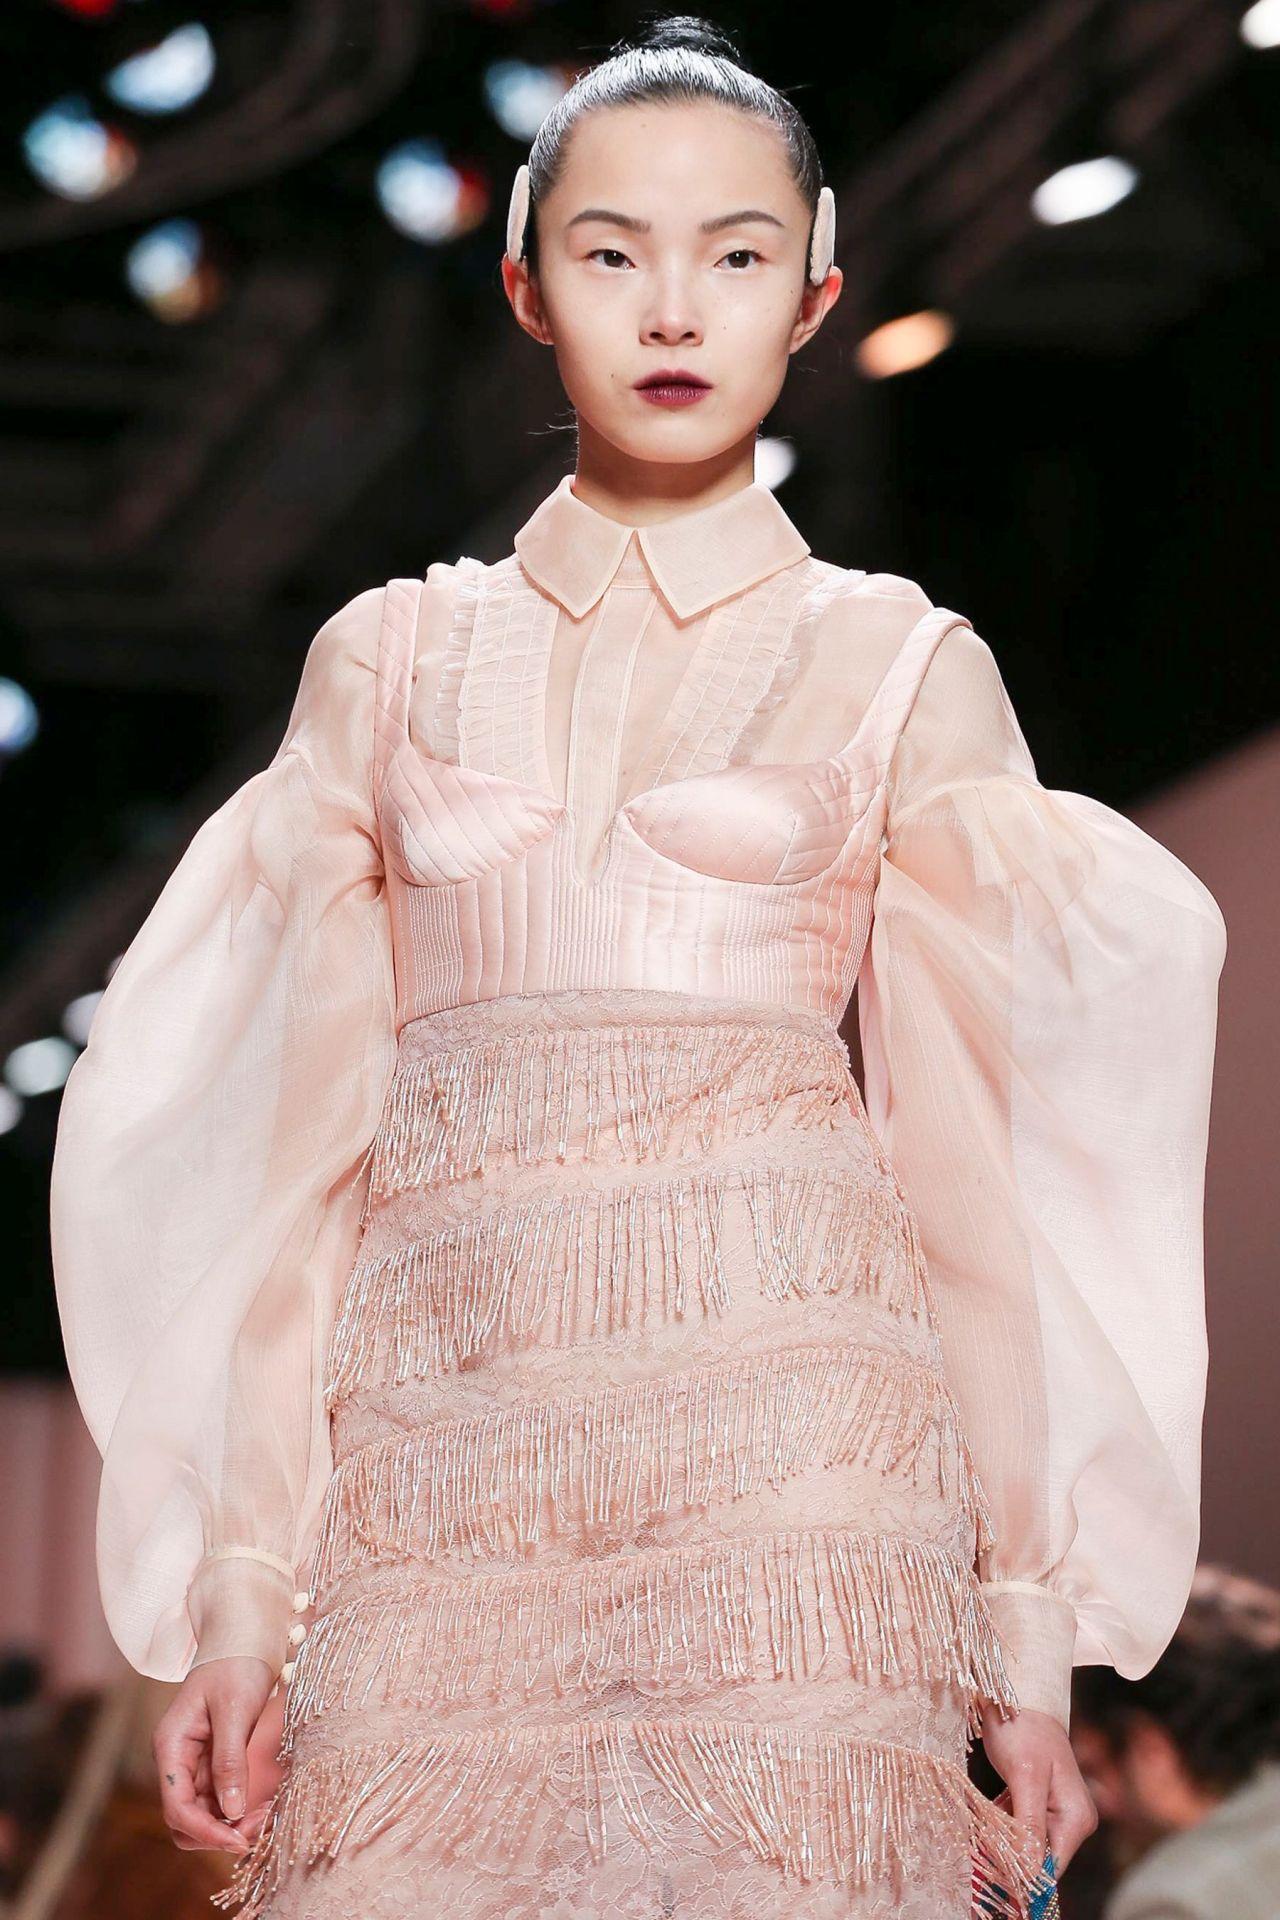 Fendi f/w 2020 #fendi#model#pink#pastel pink#pink aesthetic#runway#mfw #milan fashion week #fashion week#fringe#pastel#f/w 2020